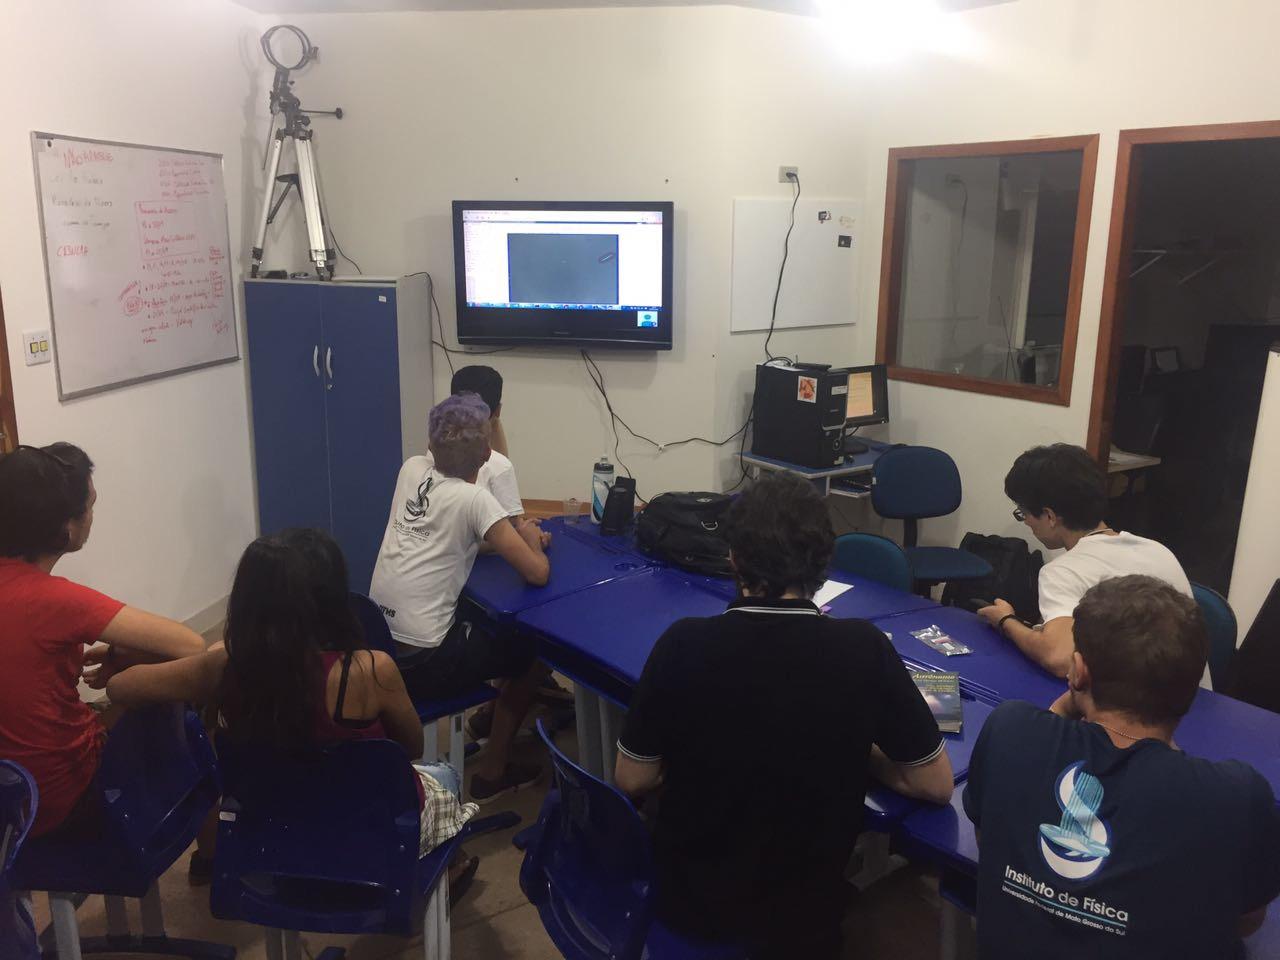 Estudantes durante vídeo conferência para uso e manutenção da estação de monitoramento de meteoros da casa da ciência.